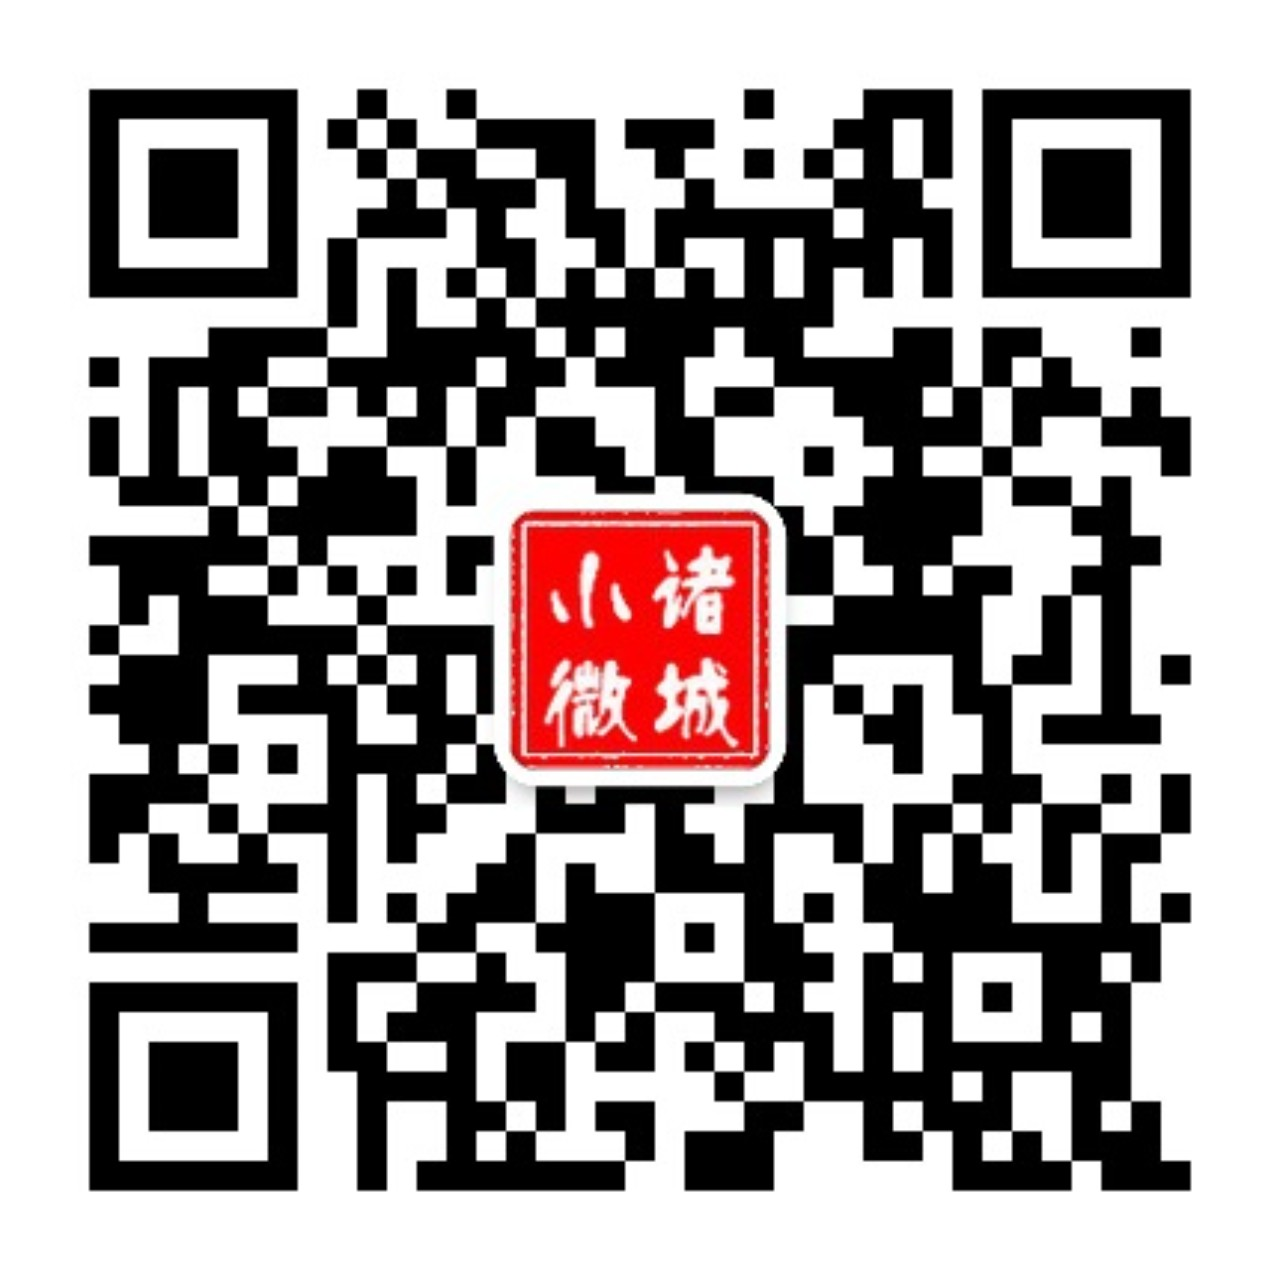 诸城生活网官方微信